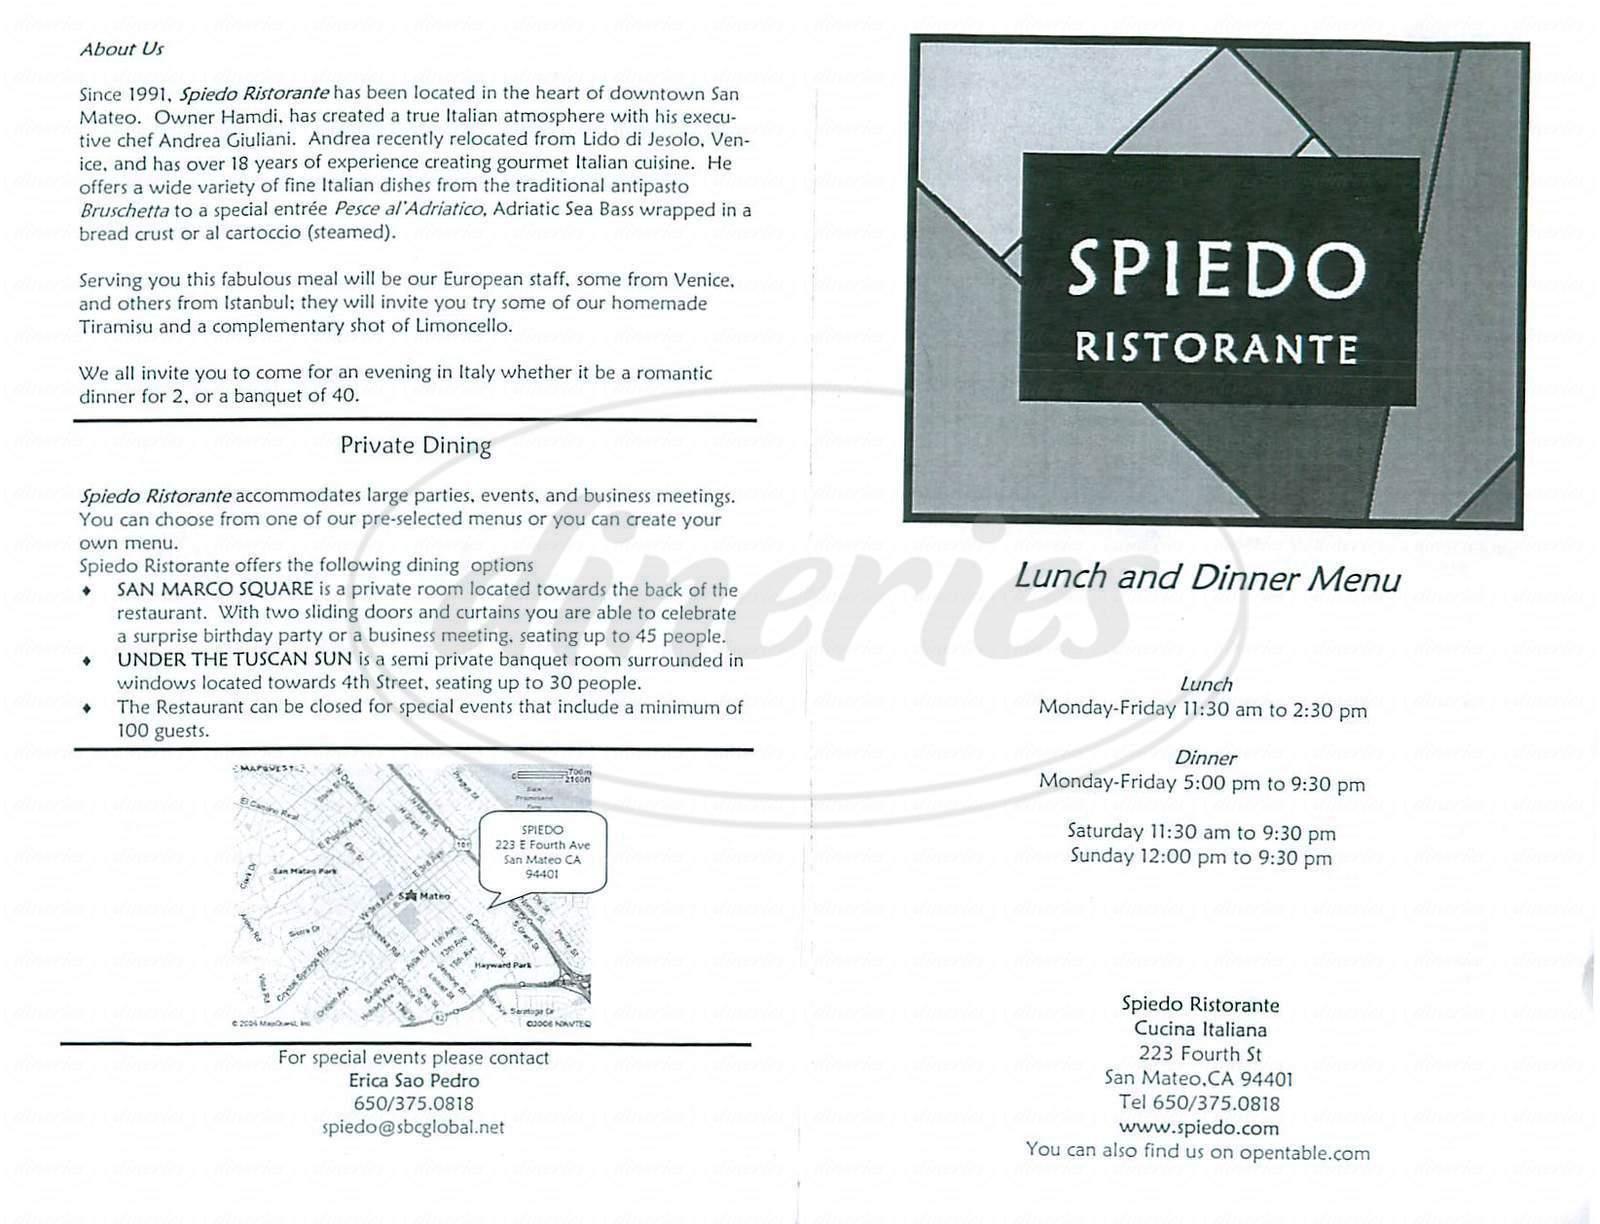 menu for Spiedo Ristorante